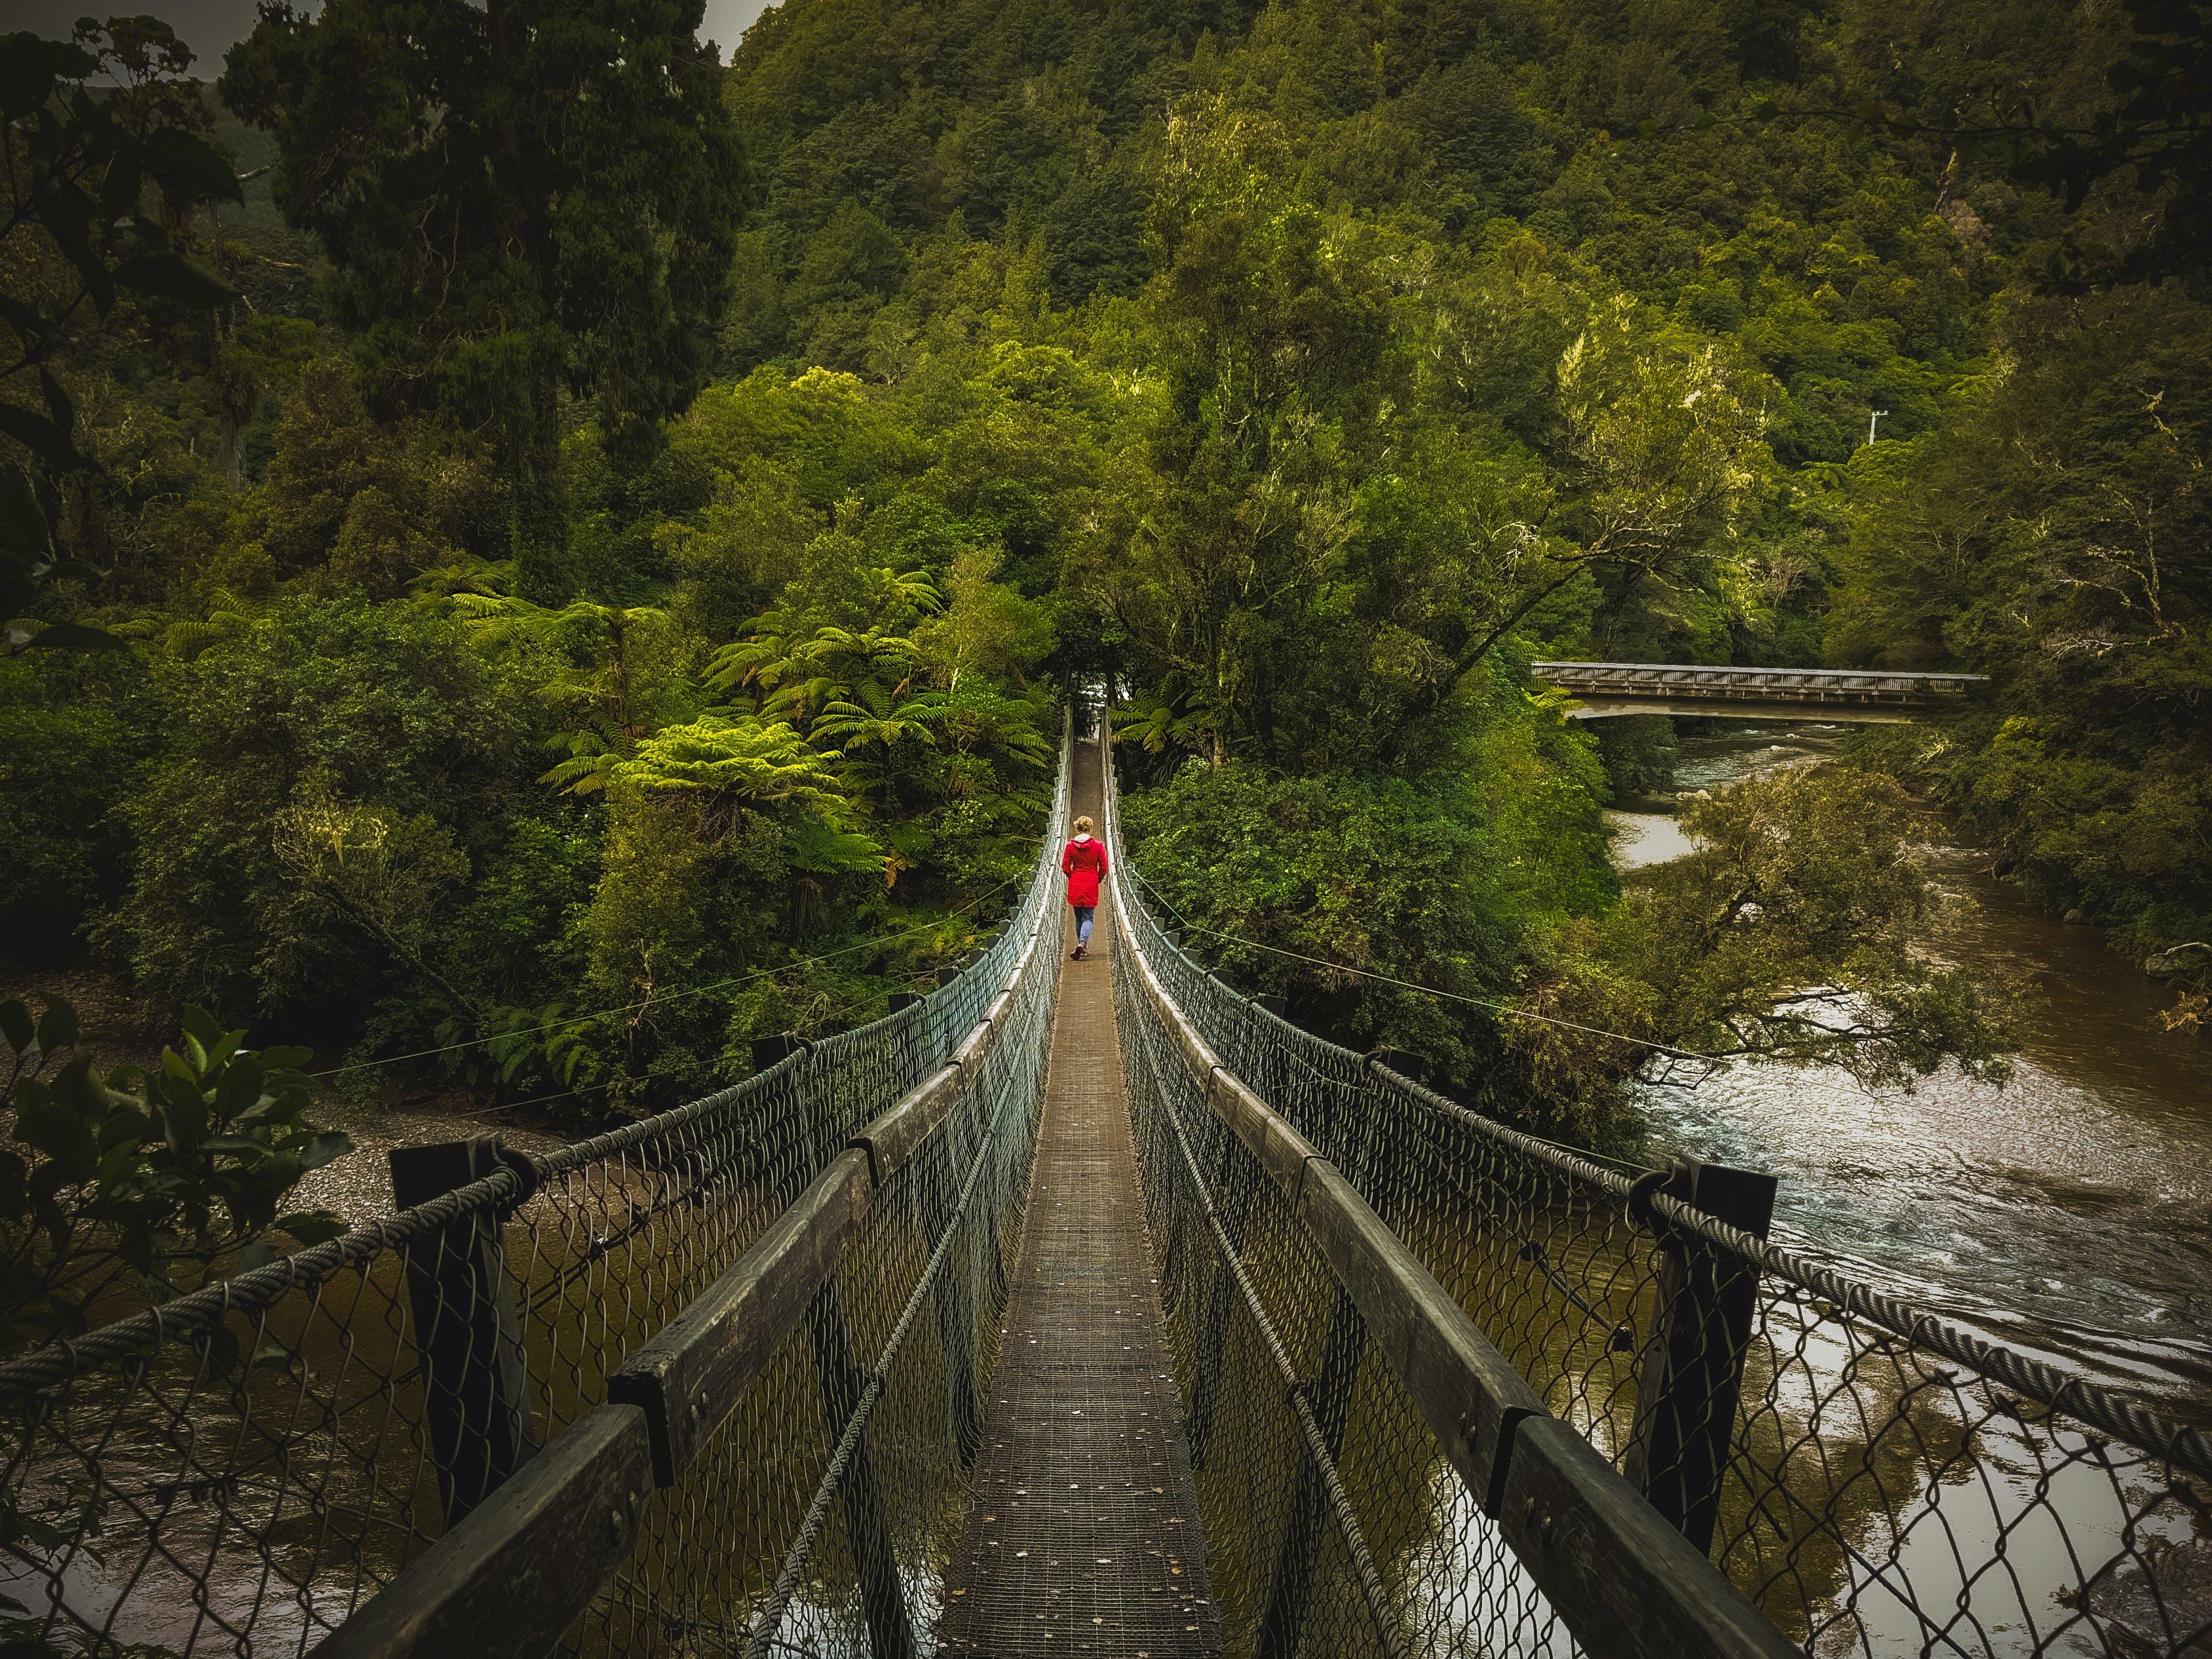 Δωρεάν στοκ φωτογραφιών με γαλήνιος, γέφυρα, γραφικός, δασικός